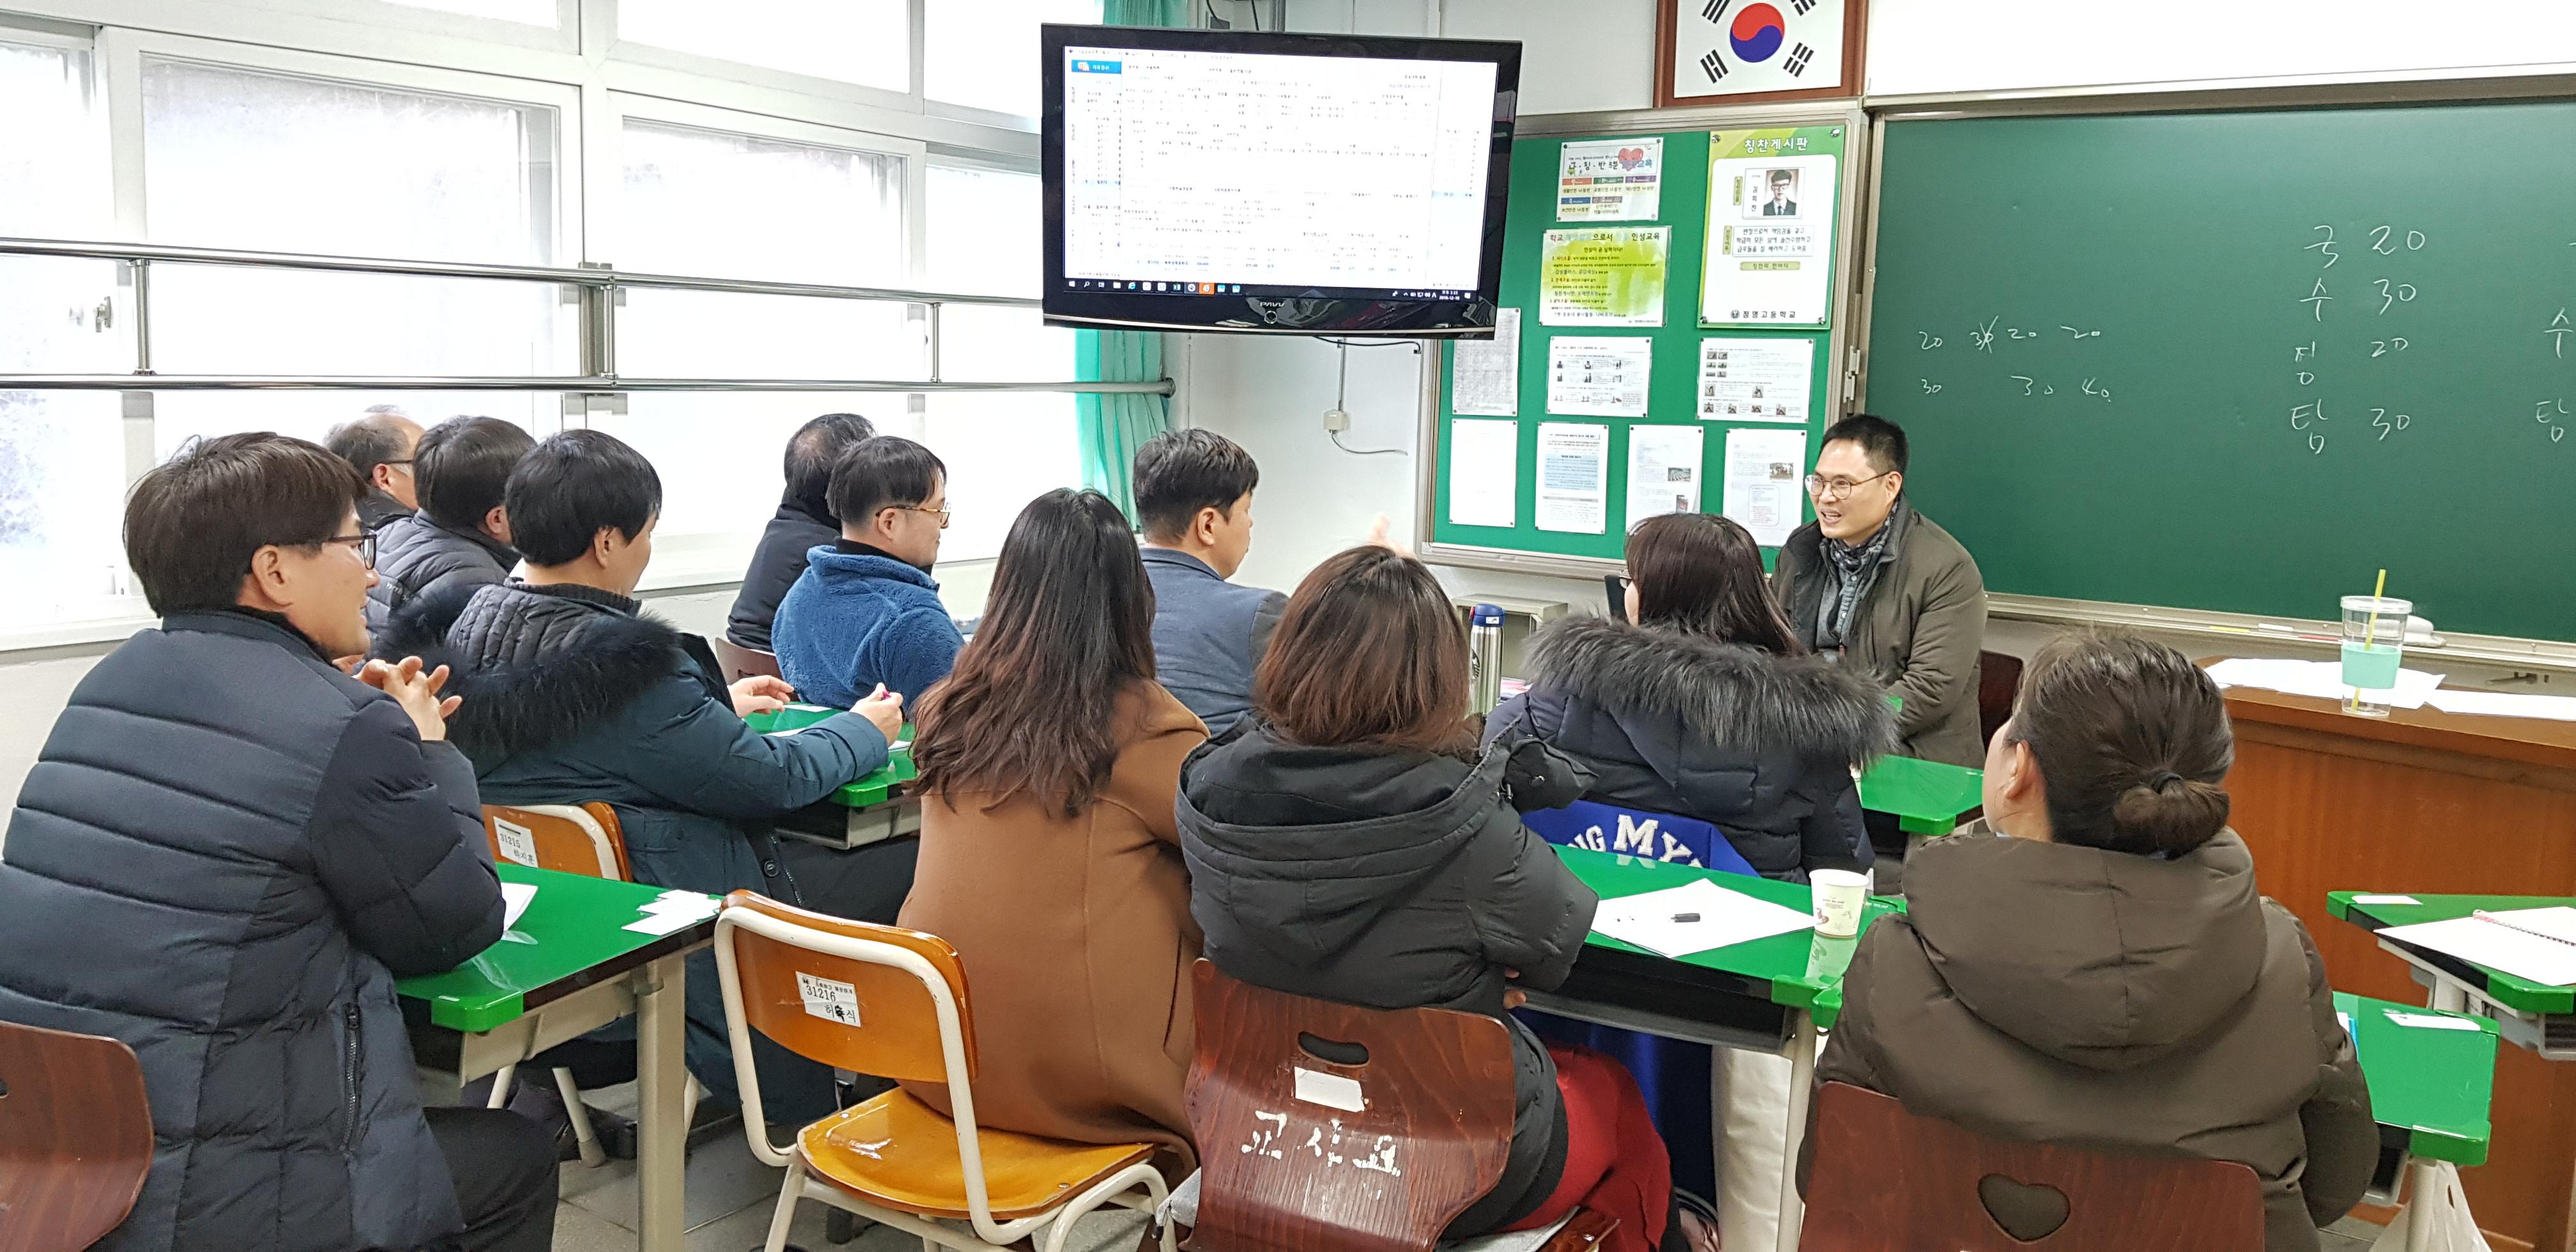 2019학년도 정시전형 대비 3학년 담임교사 연수